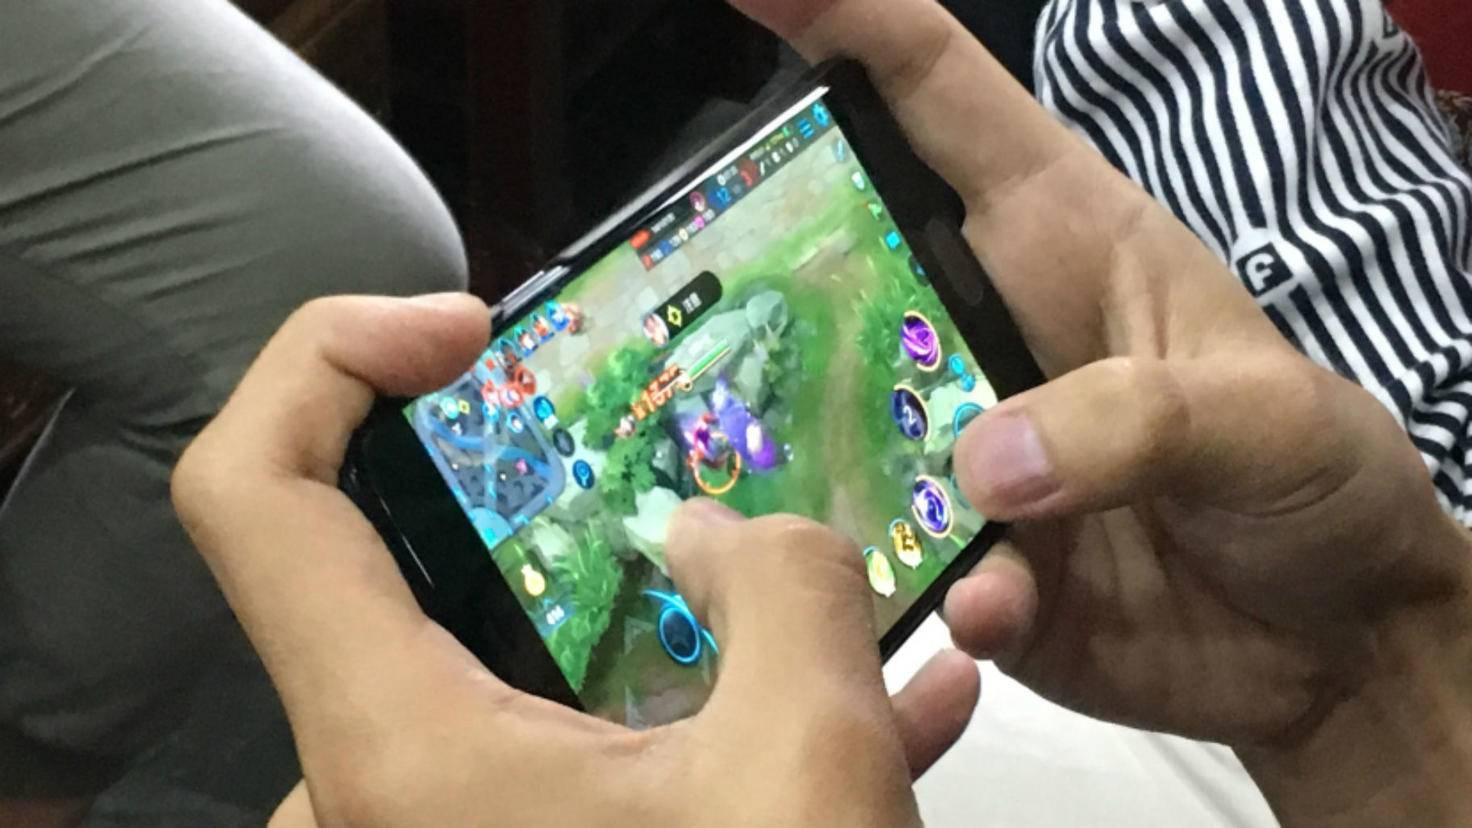 106473302-dpa-mobile-gaming